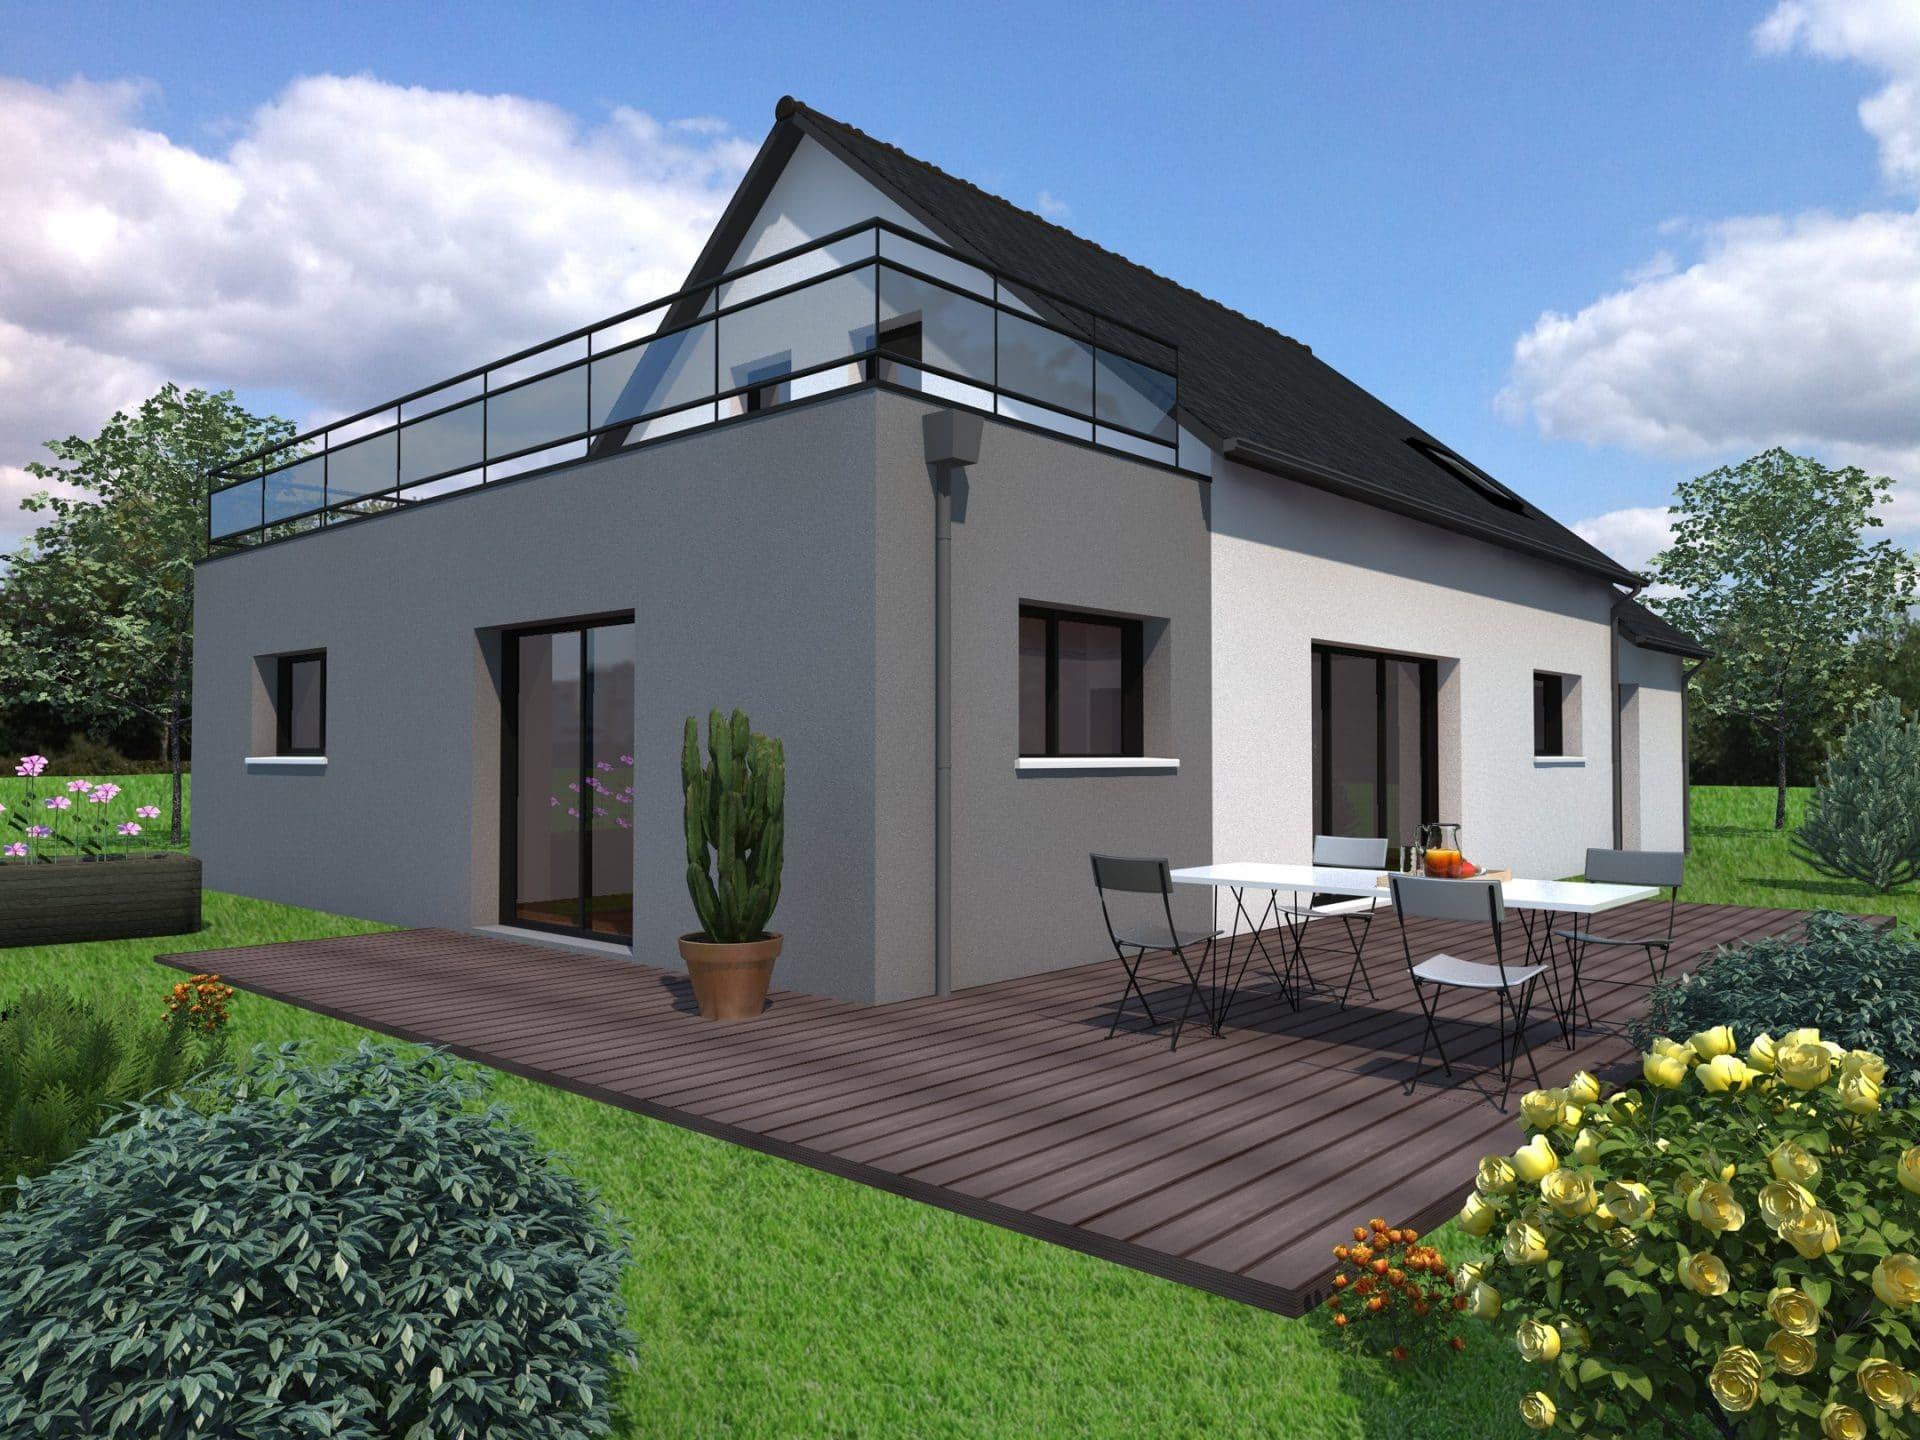 Maison neuve contemporaine ventana blog for Maison neuve construction